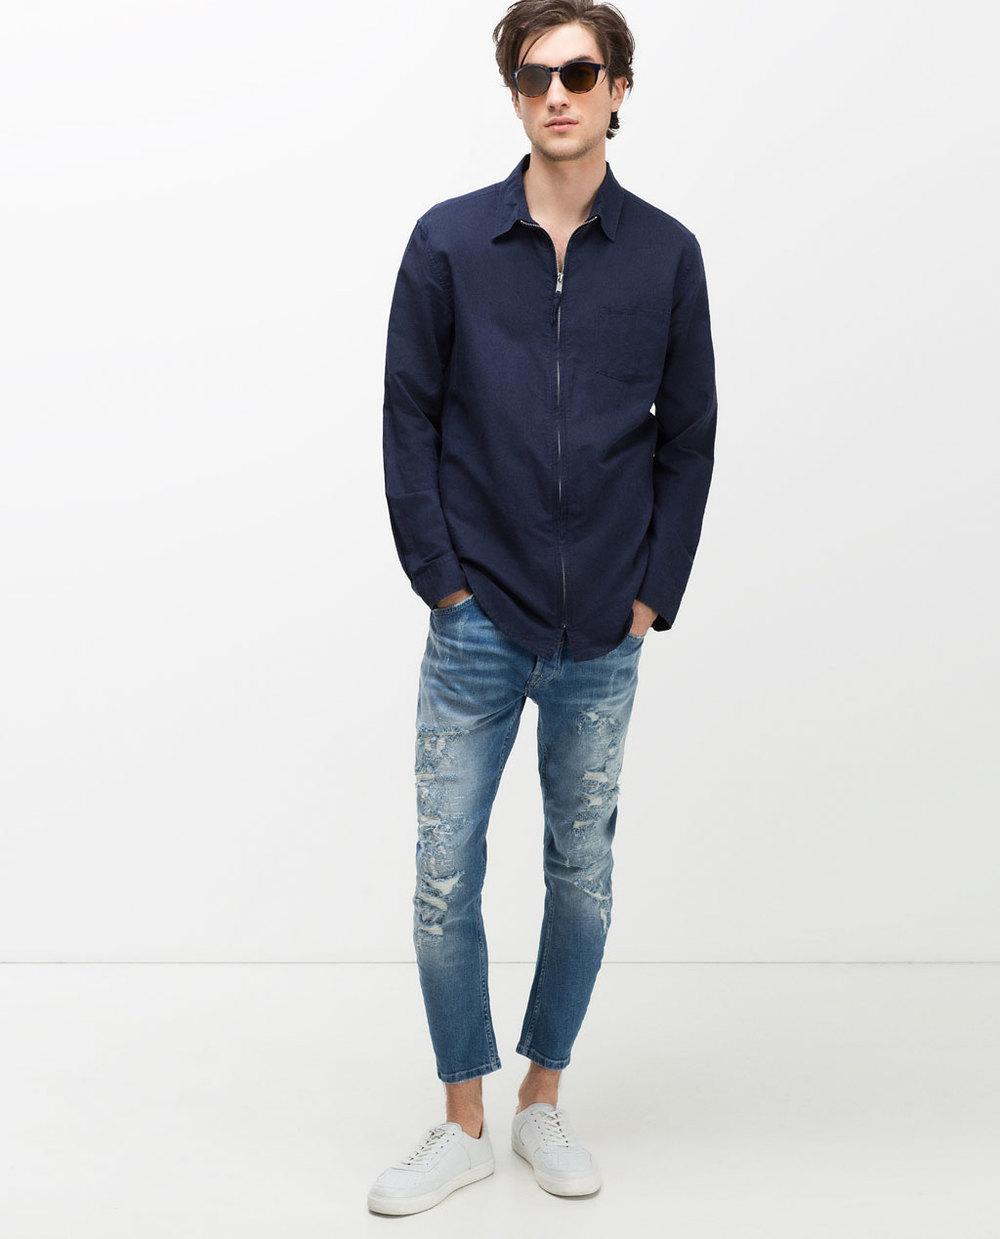 Zara £39.99